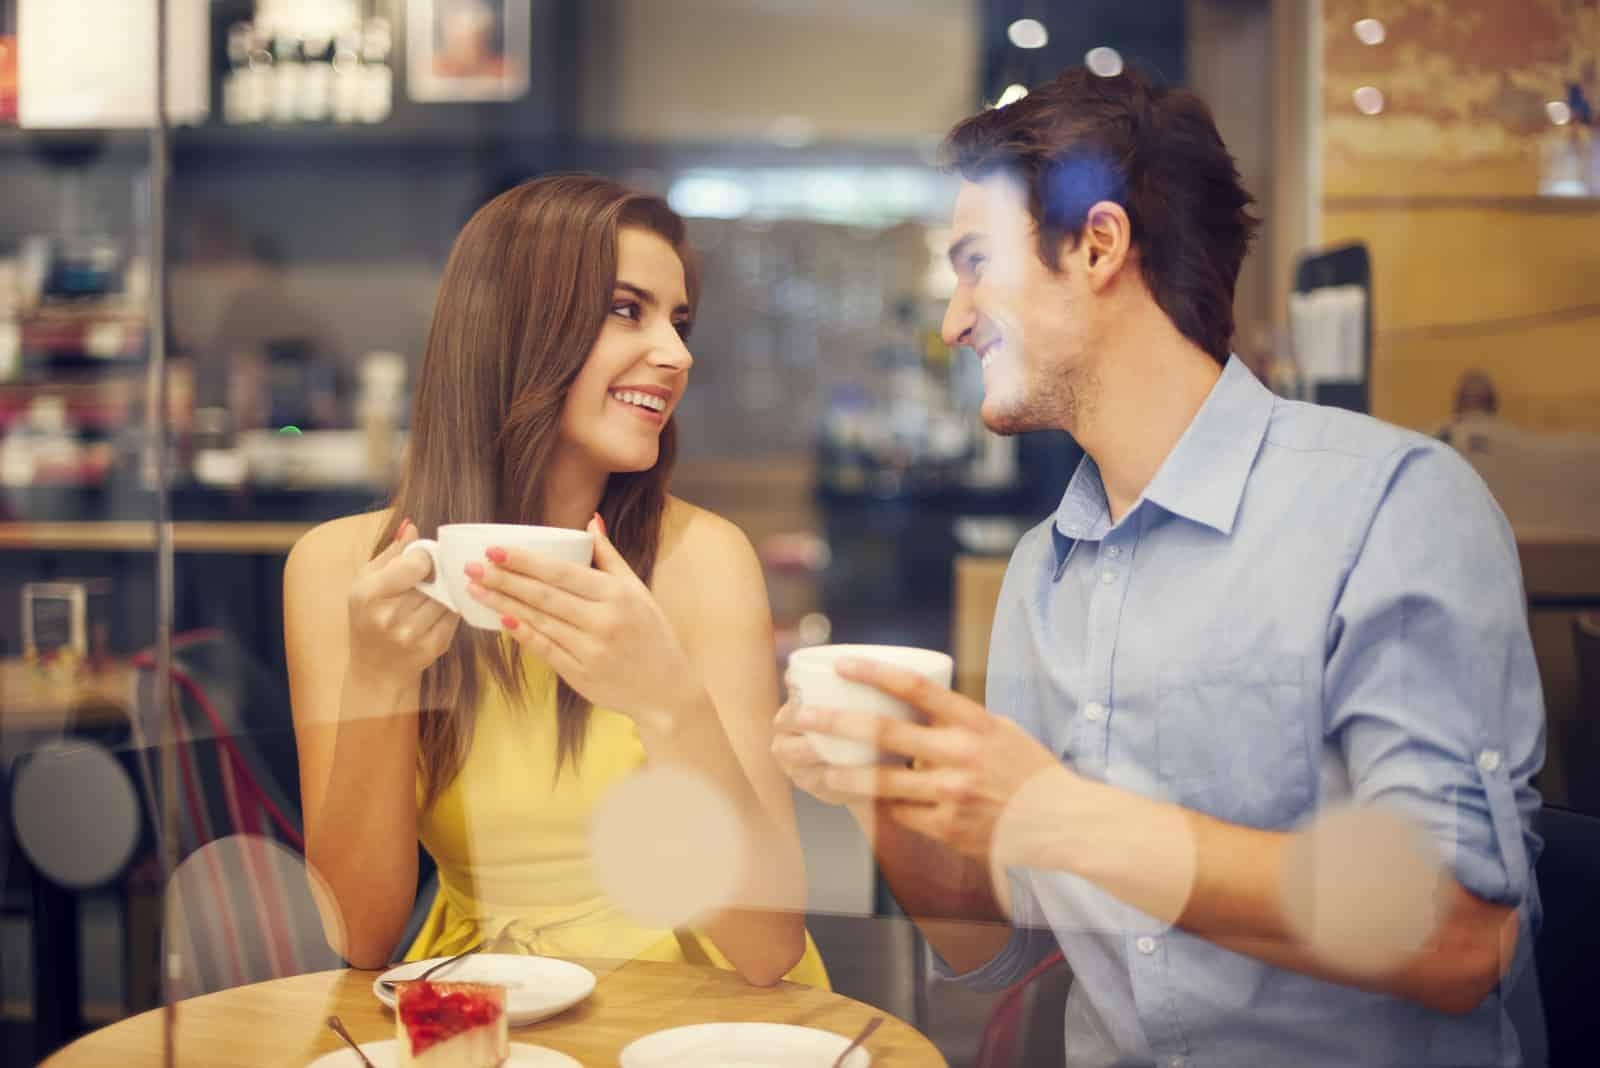 homme et femme buvant du café au café